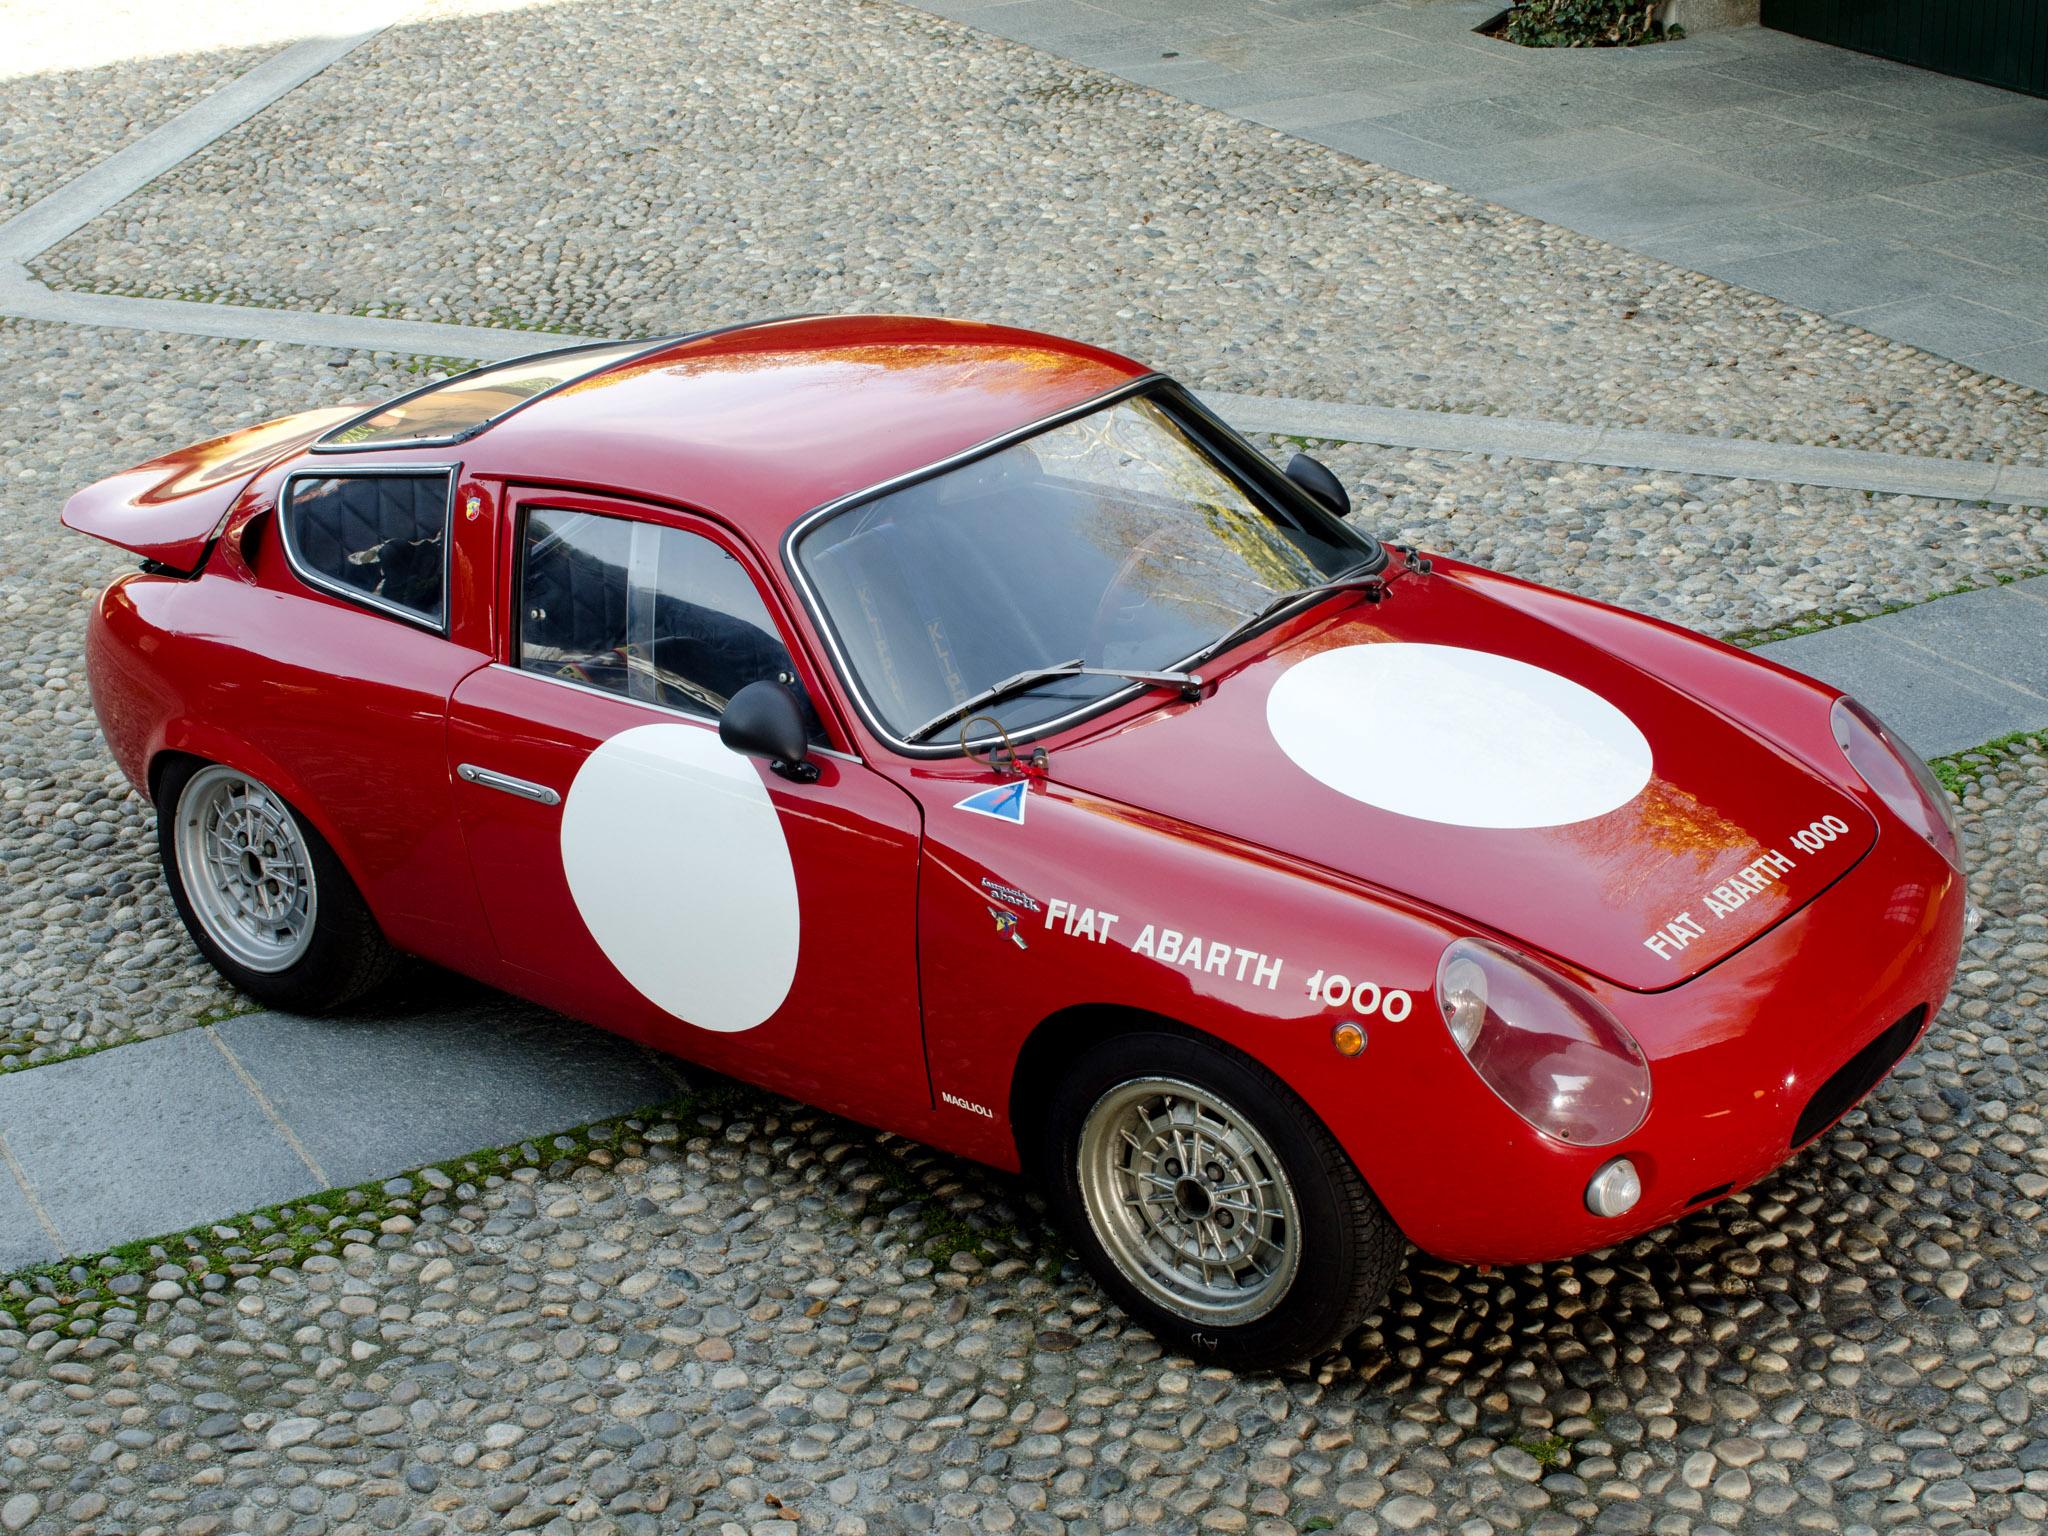 1961 Fiat Abarth 1000 Gt Bialbero Race Racing Rally